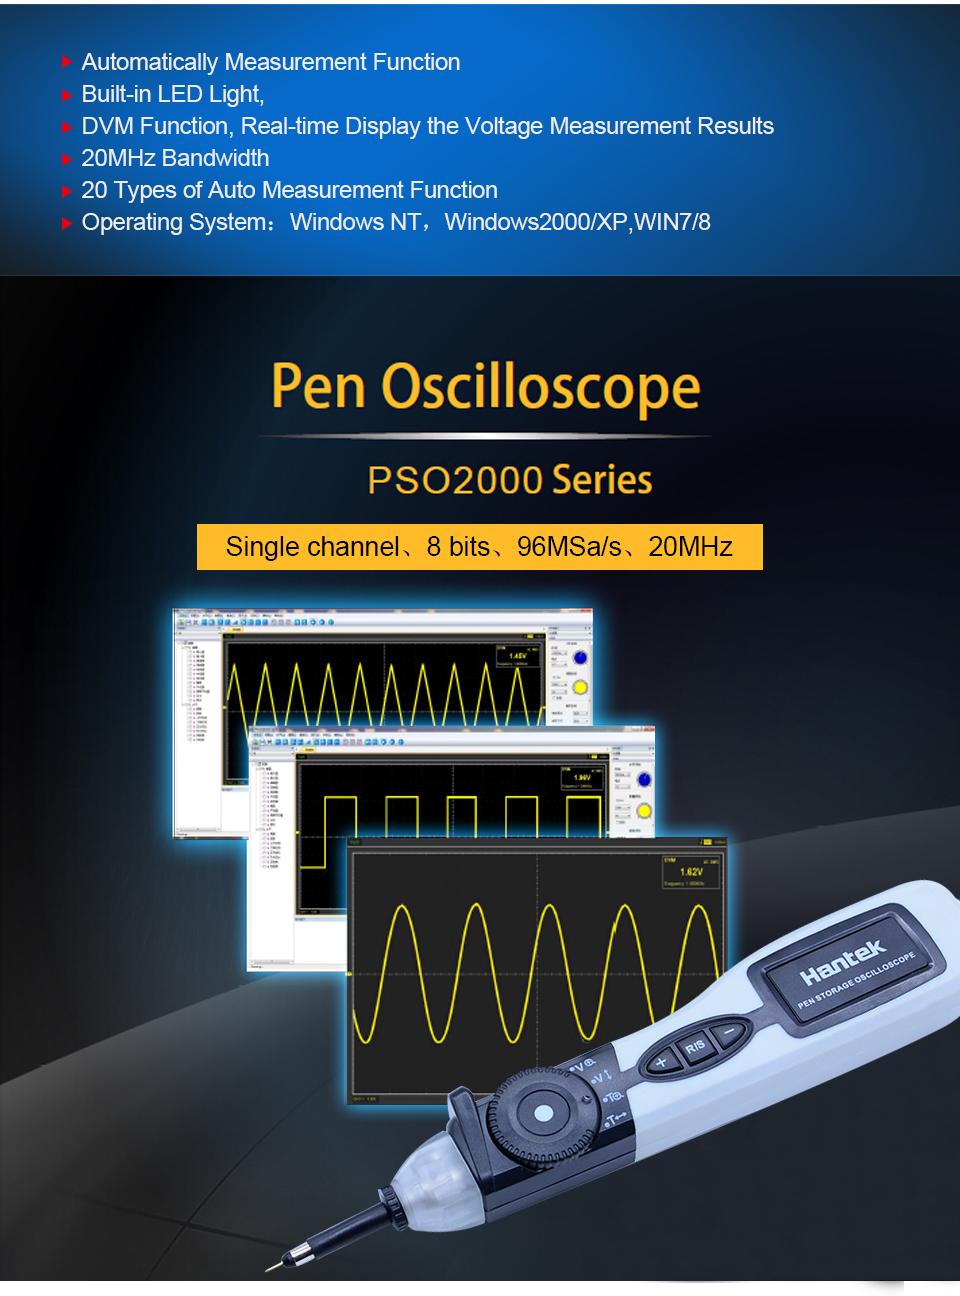 Pen oscilloscope with falshlight (2)